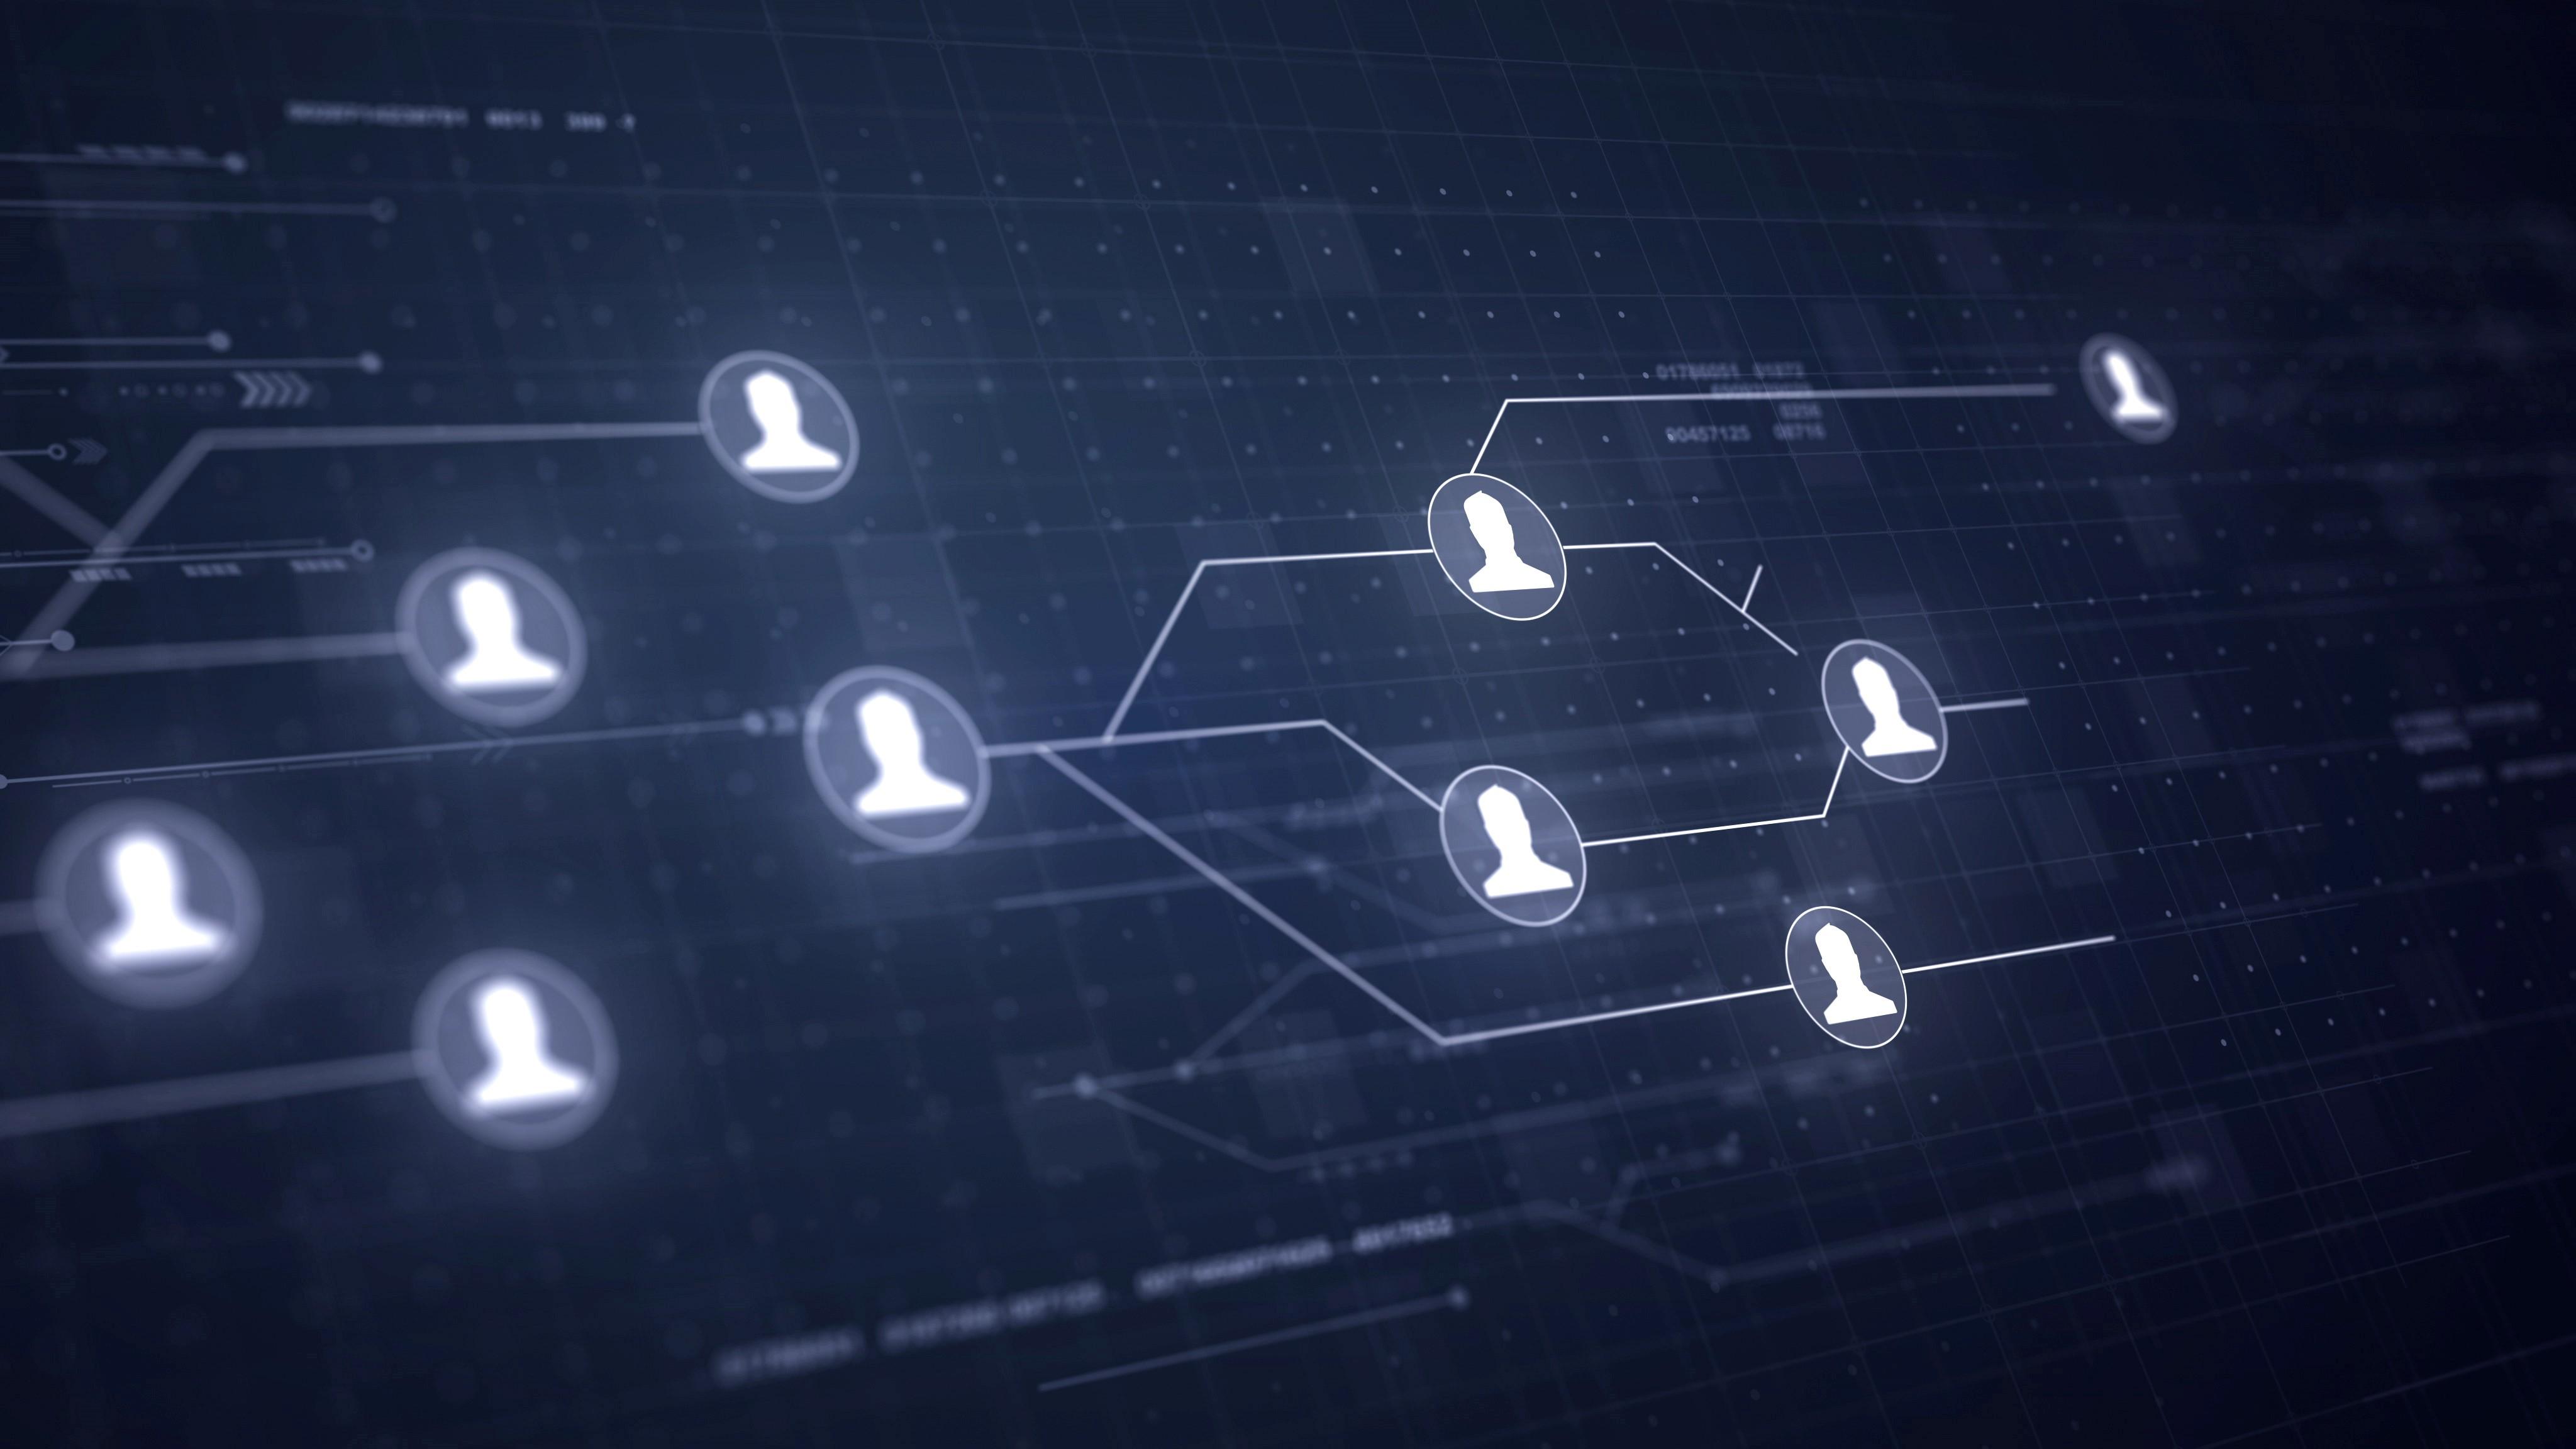 Network (Bilgisayar Ağı) Nedir?